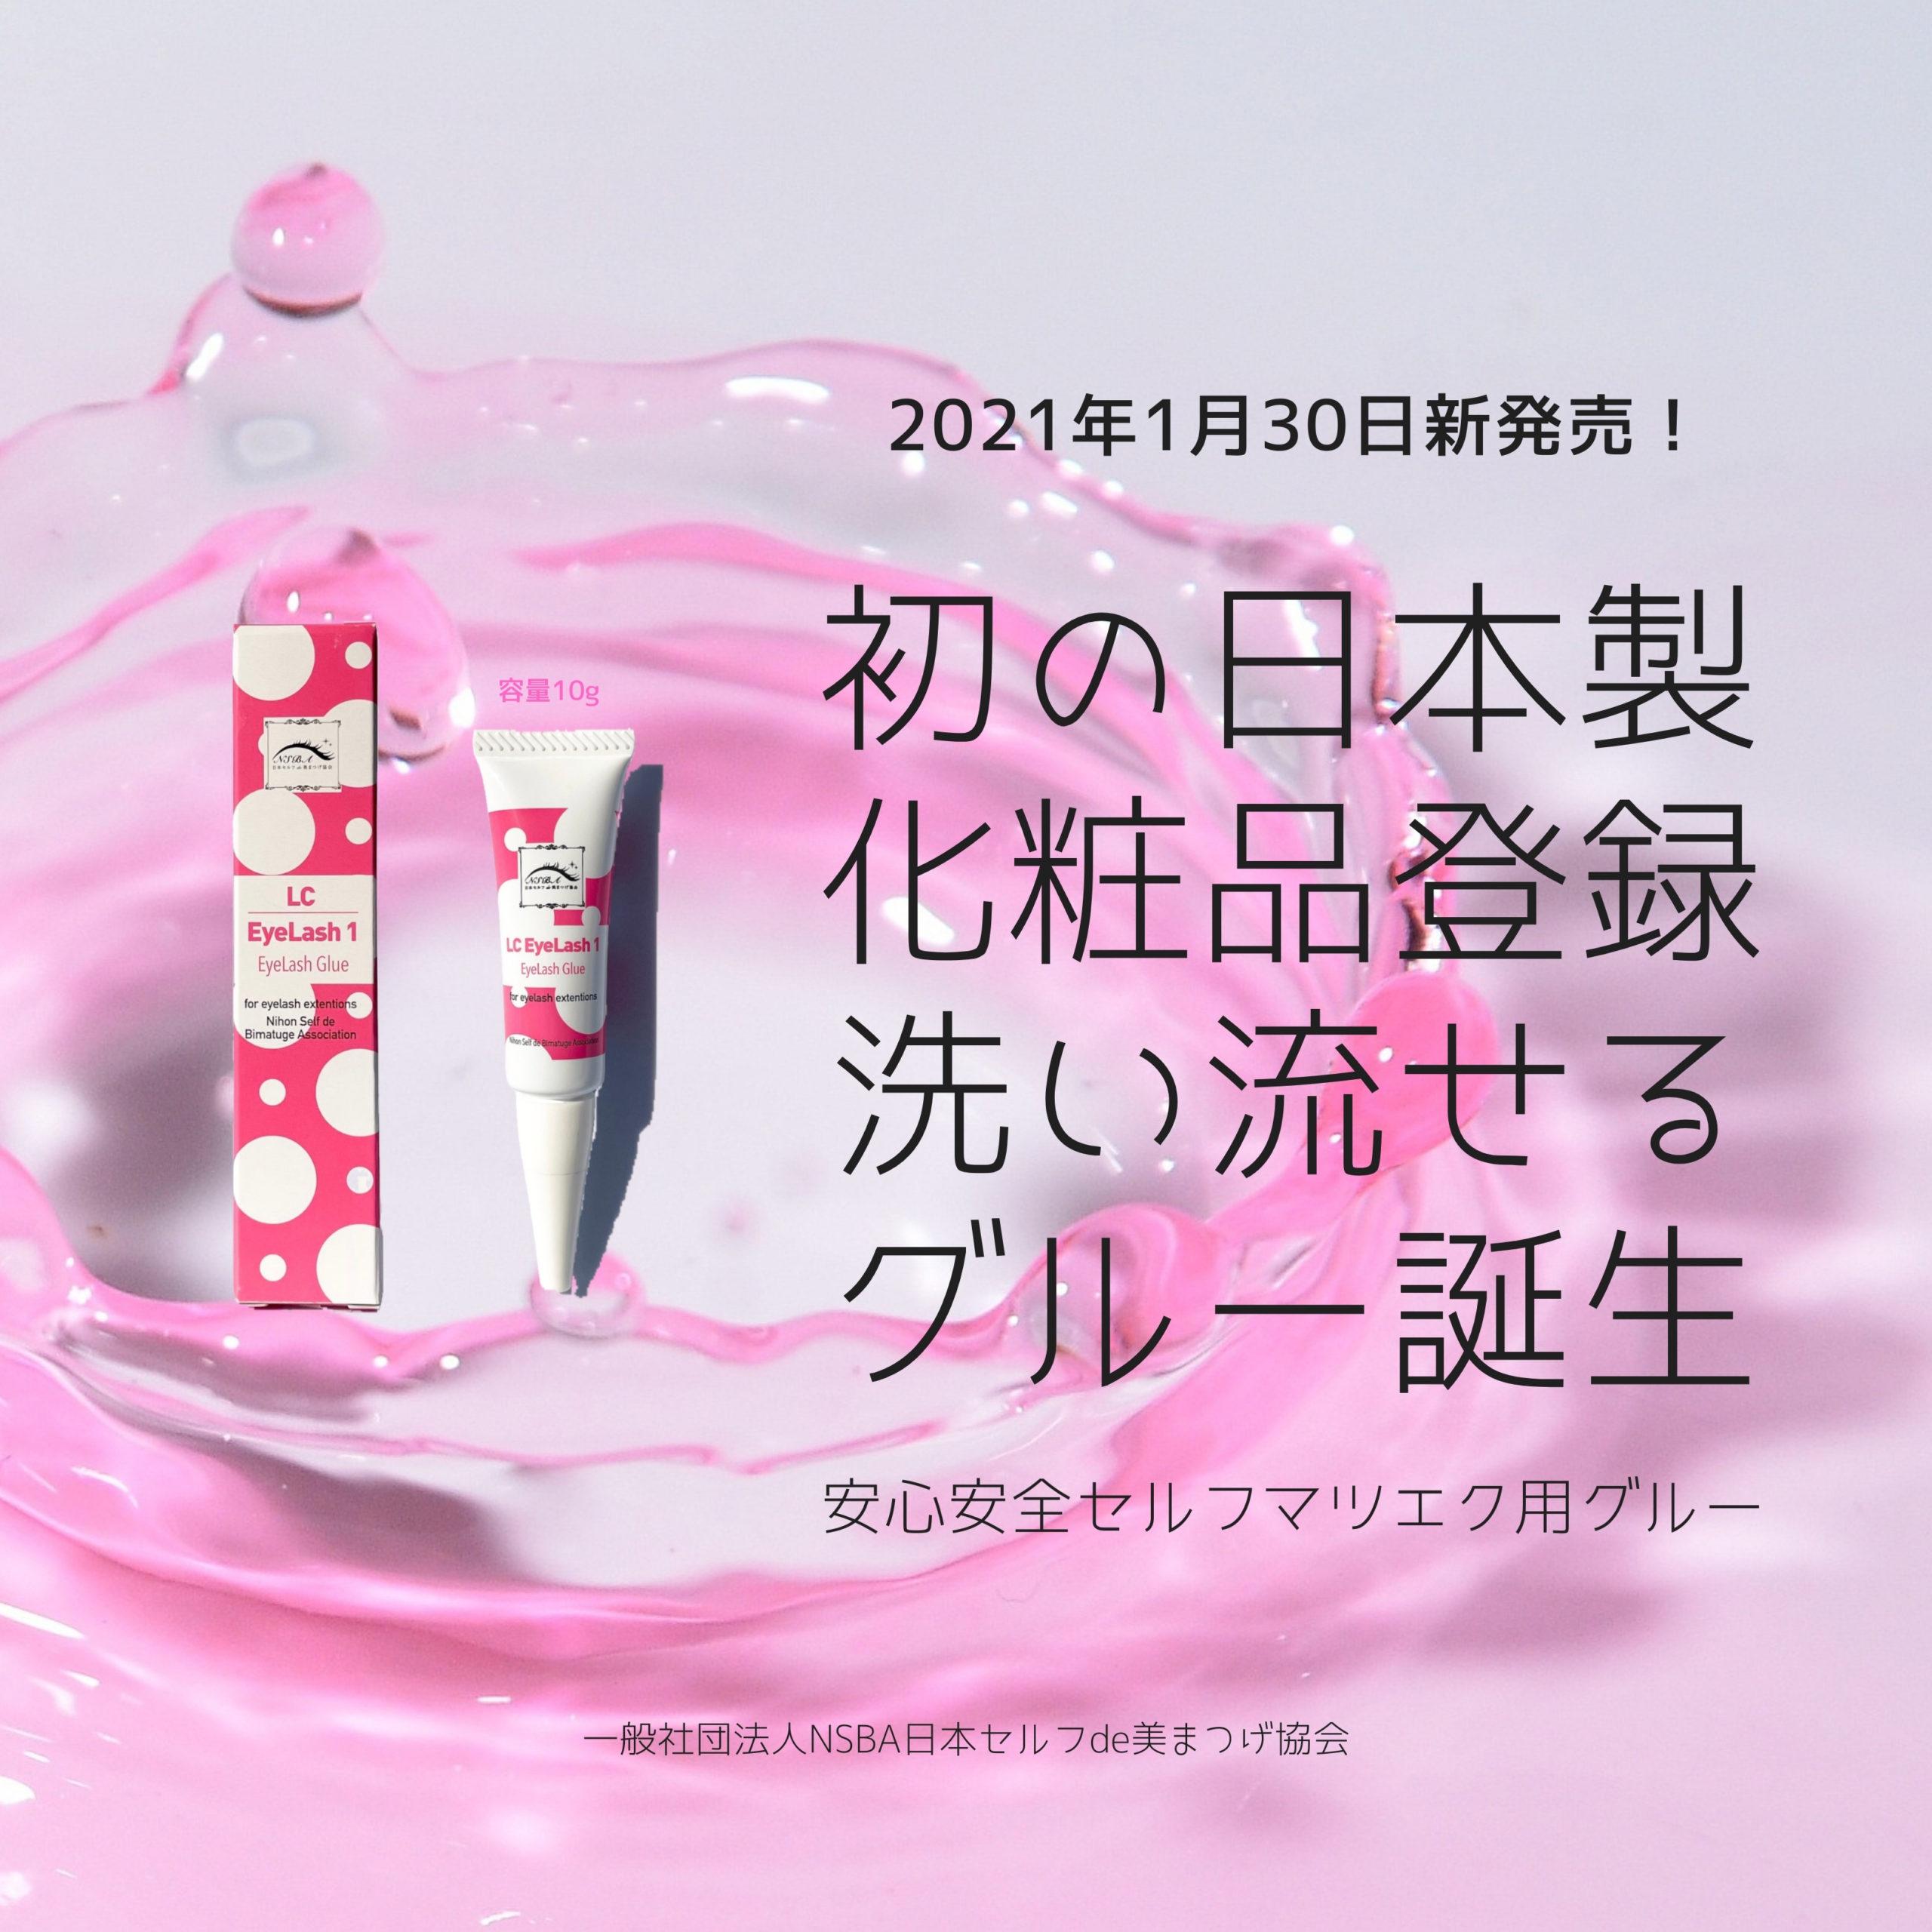 初の日本製化粧品登録 洗い流せるグルー誕生 安心安全セルフマツエク用グルー